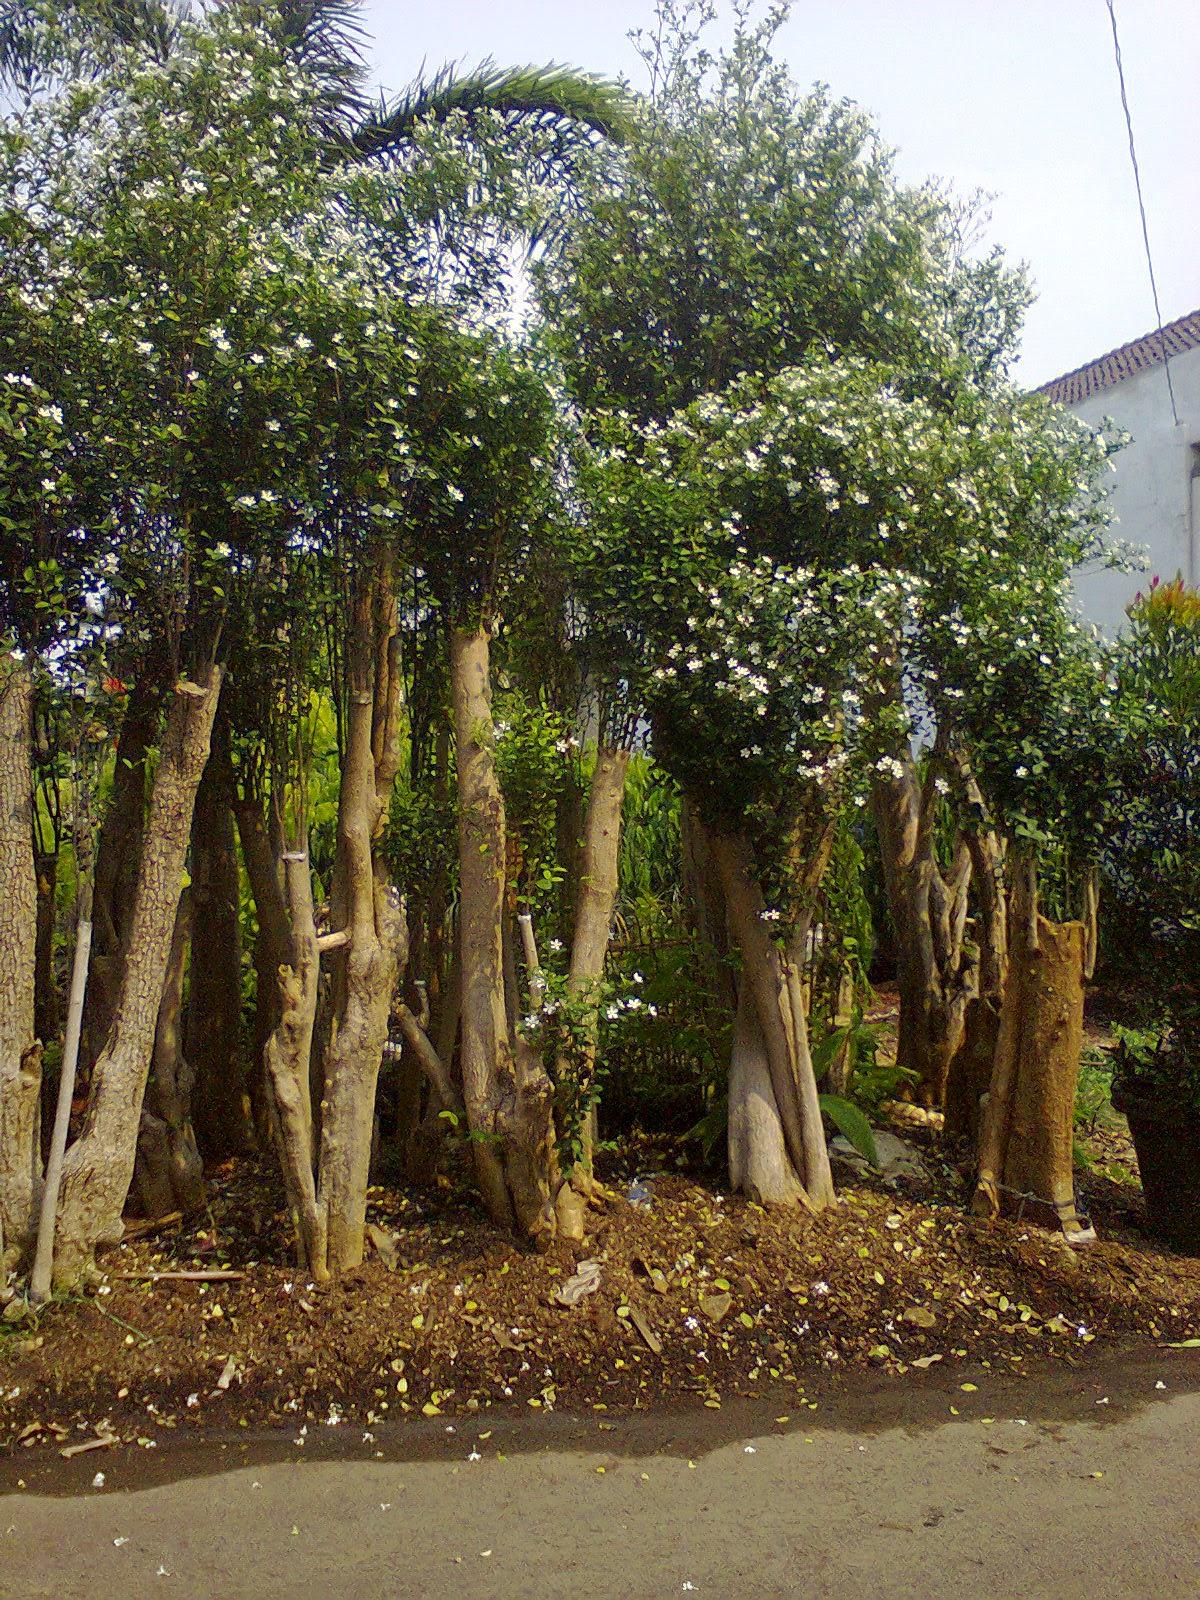 Jual bonsai melati jasmin | bonsai anting putri | bonsai cemara udang